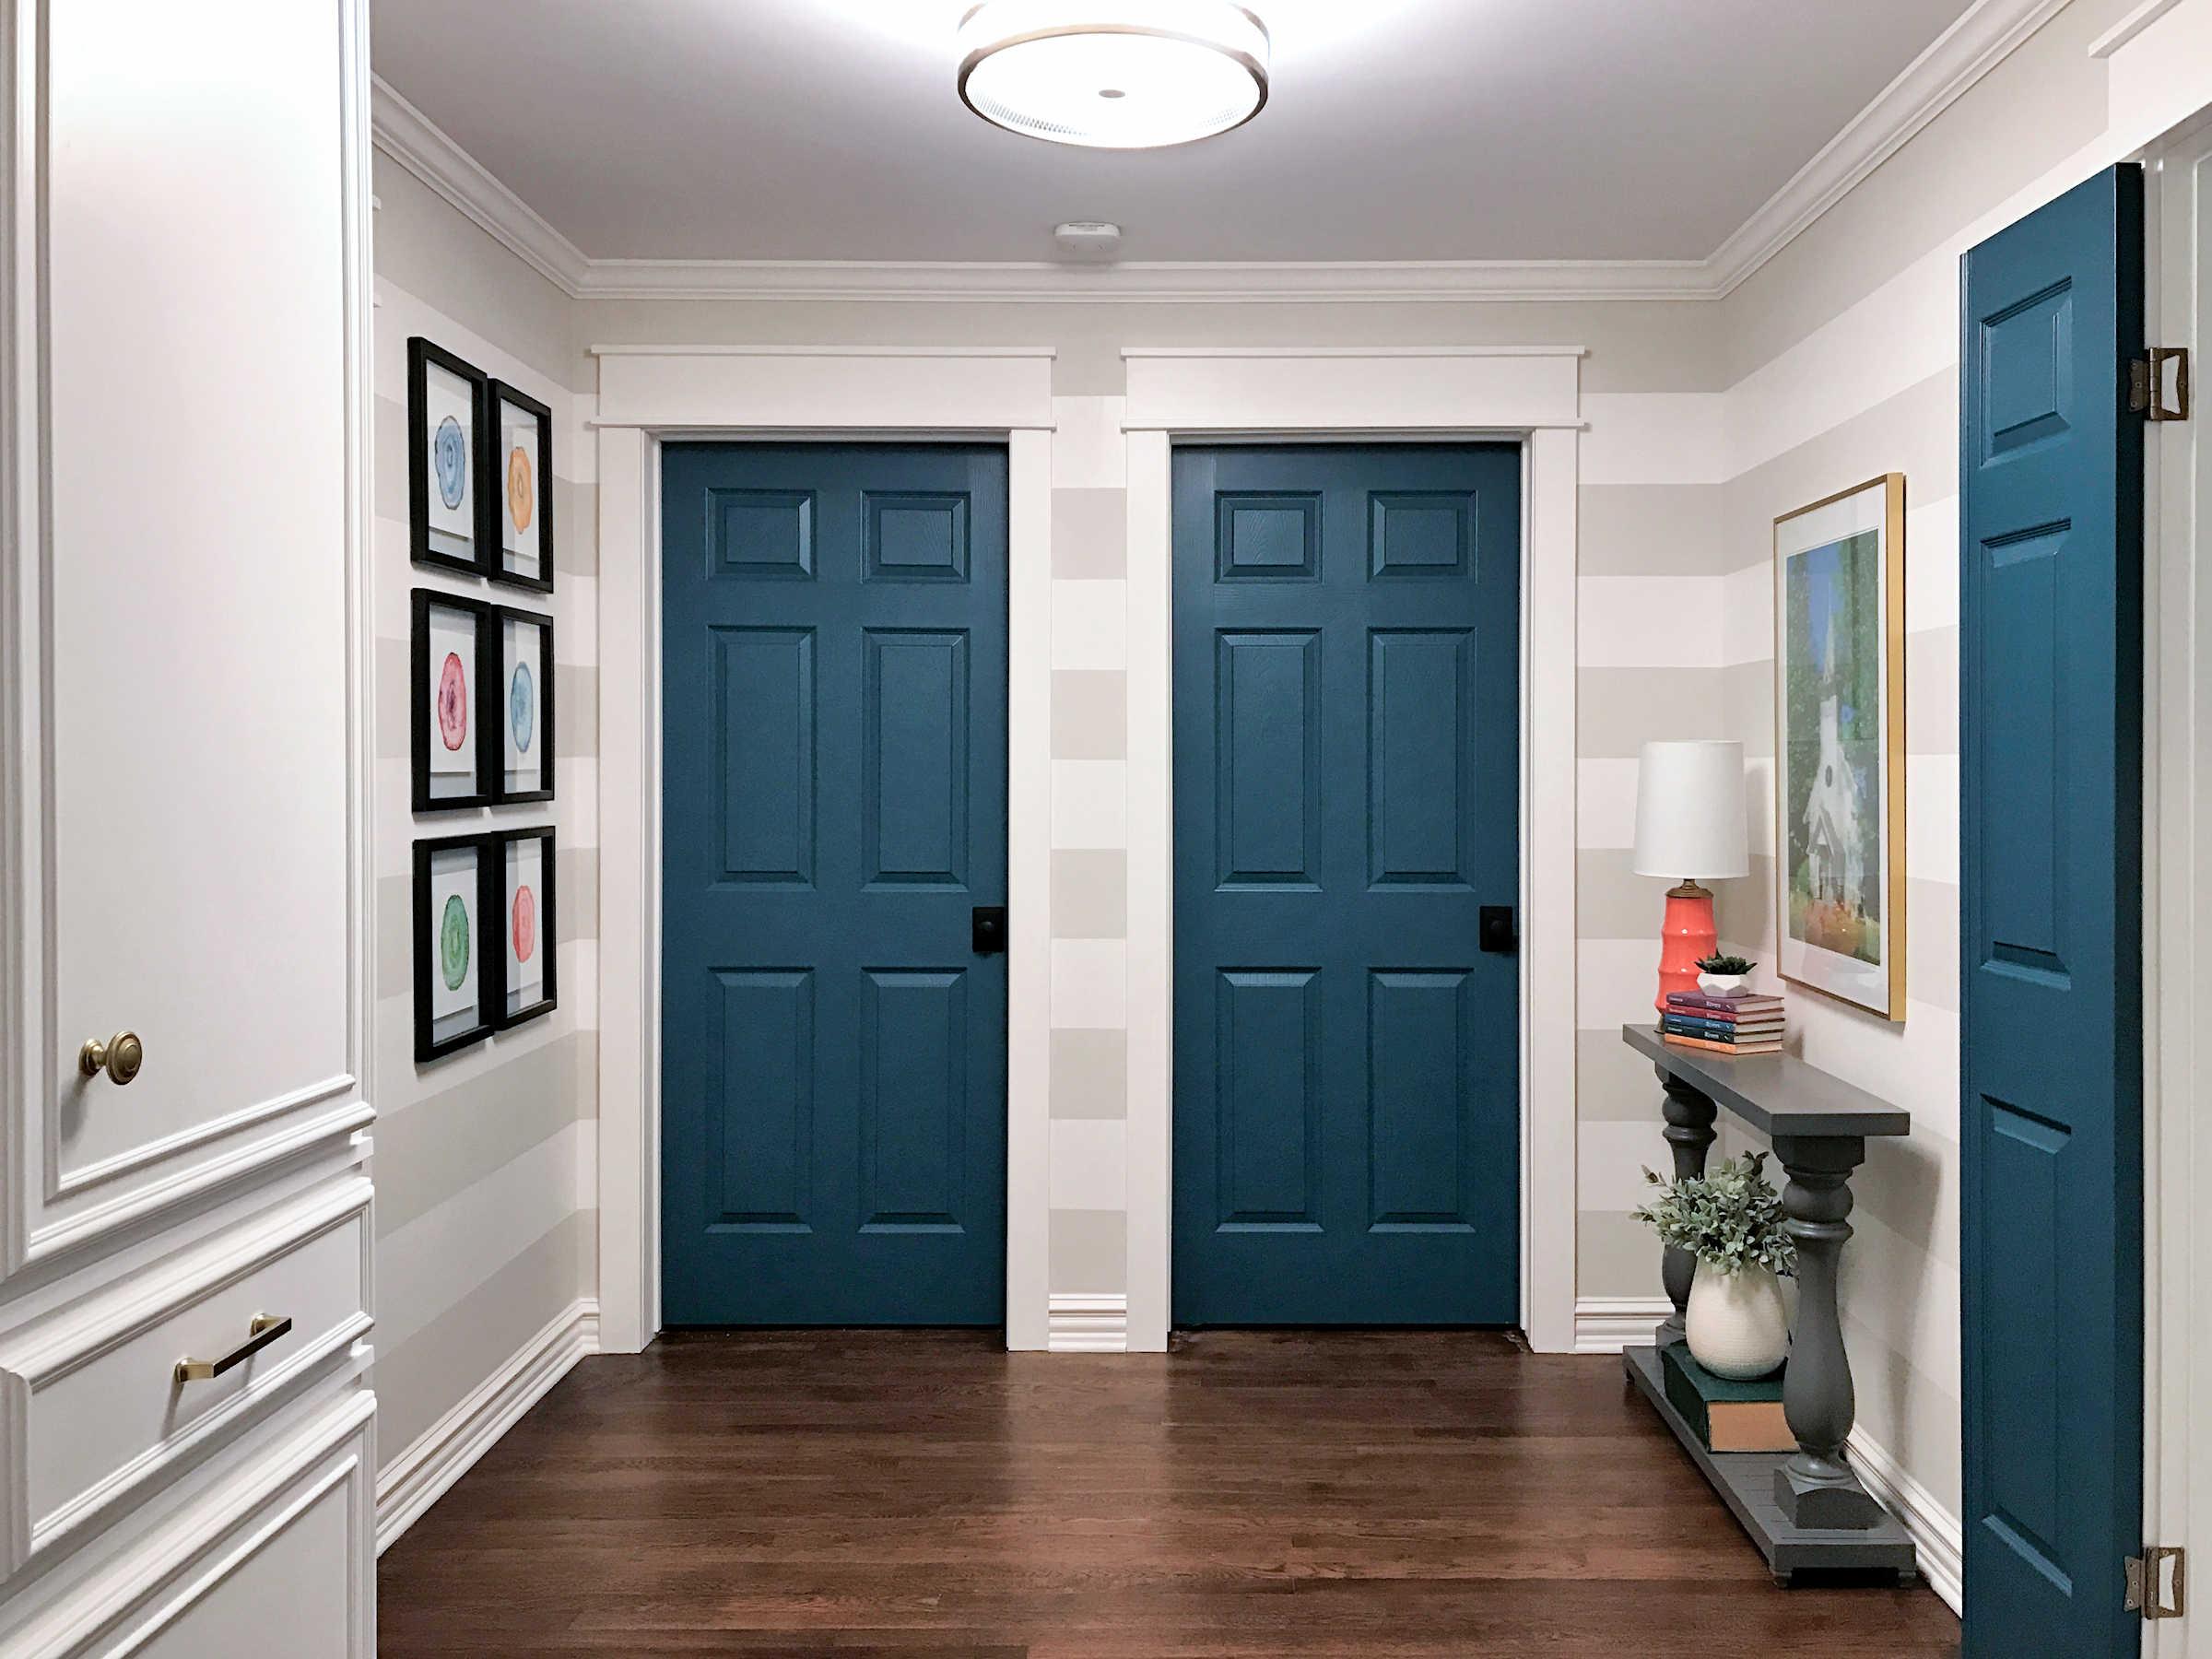 rénovation de couloir avec murs rayés, portes bleu sarcelle et armoire personnalisée